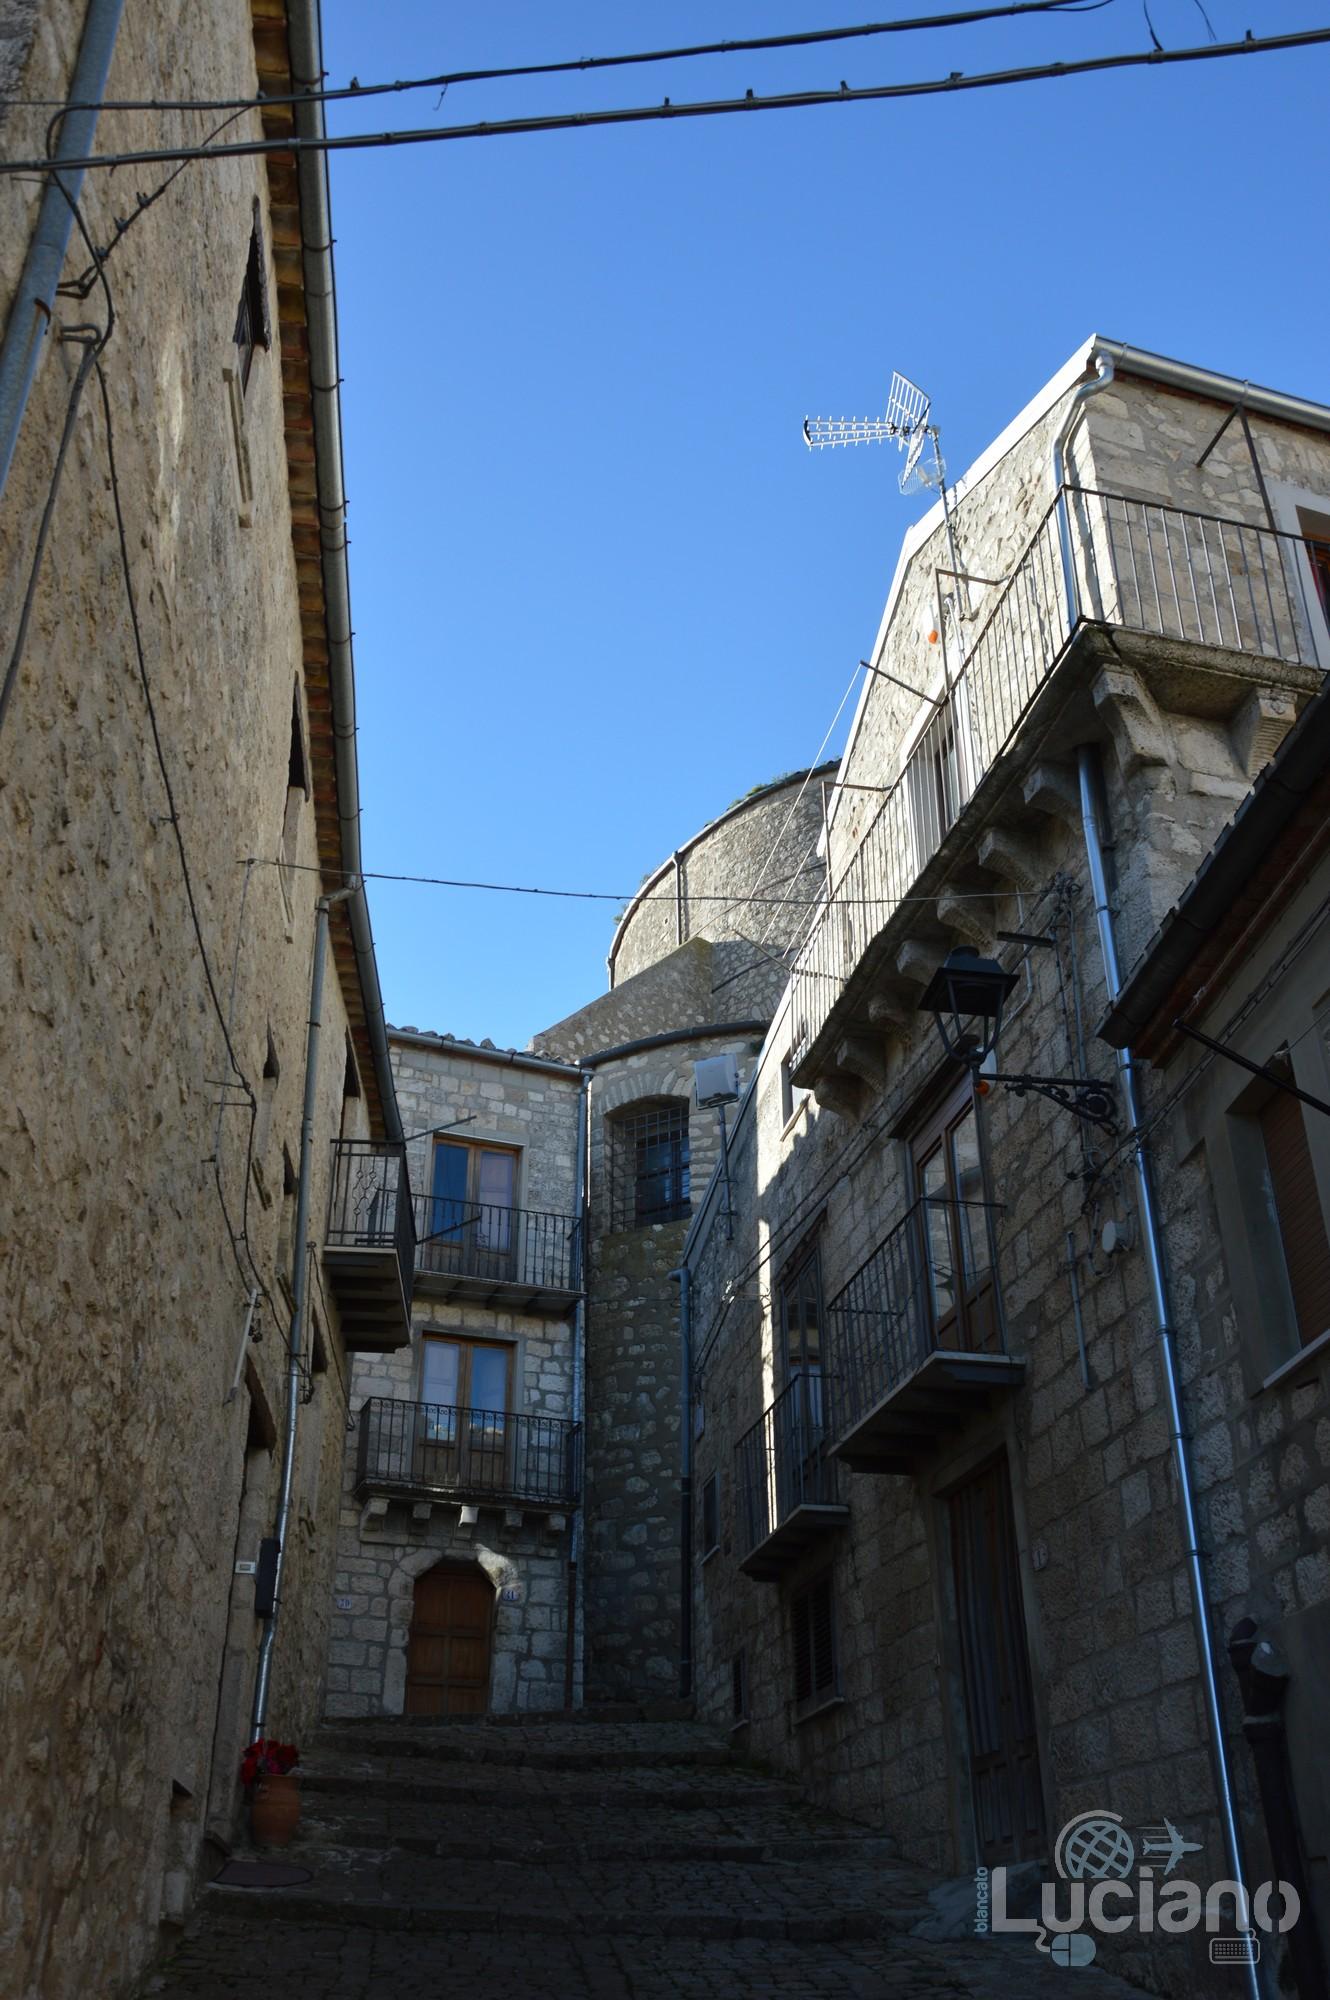 Scalinata Chiesa Matrice nel borgo di Petralia Soprana - Palermo -  I Borghi più belli d'Italia - Borgo più bello d'Italia 2018